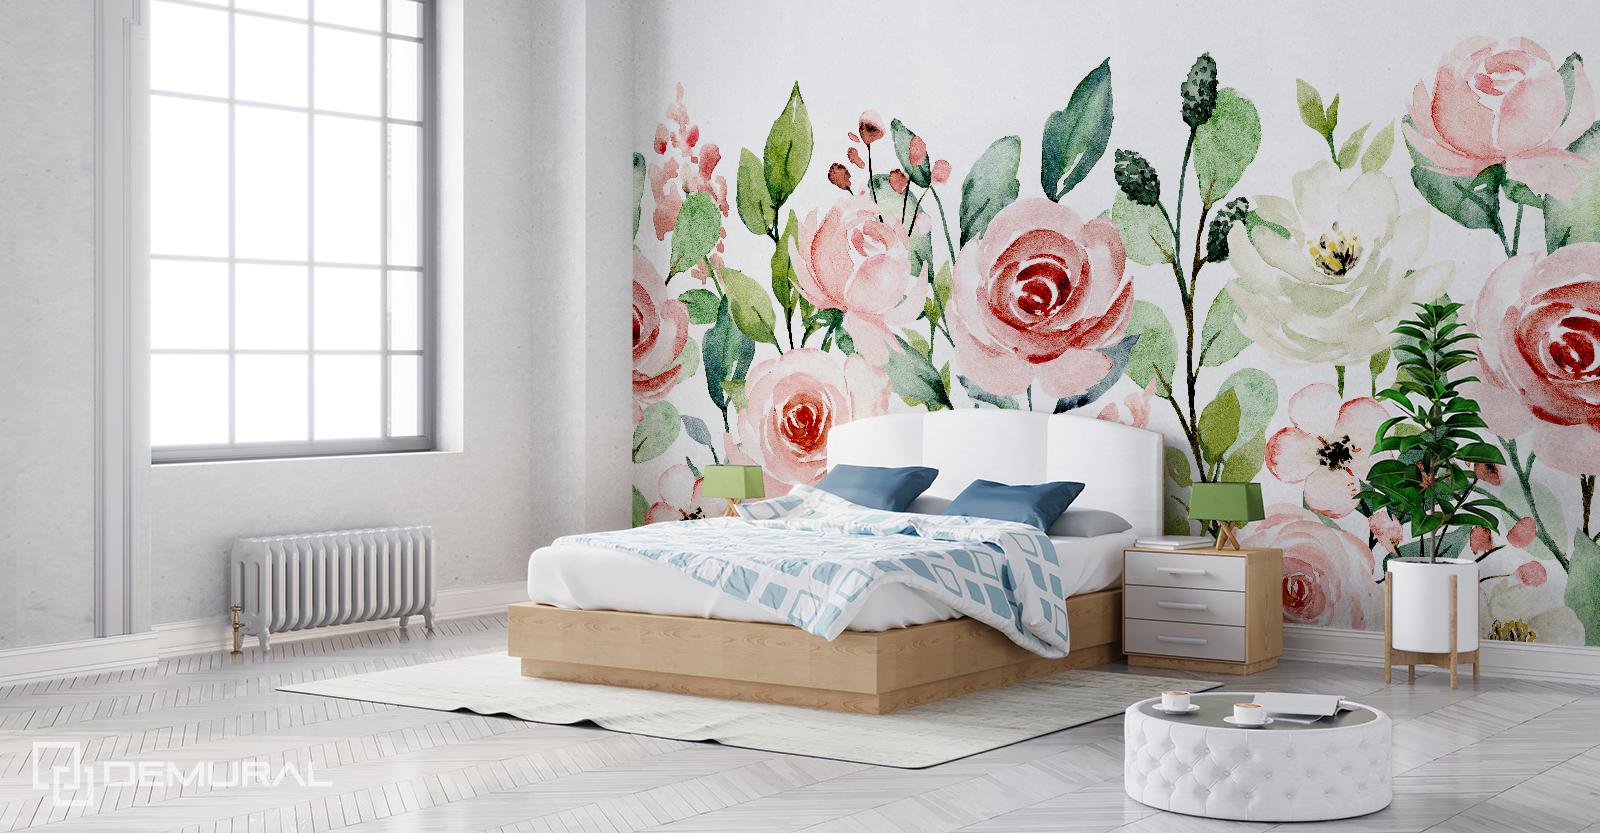 Fototapeta Kwiaty w akwareli - Fototapeta z kwiatami - Demural